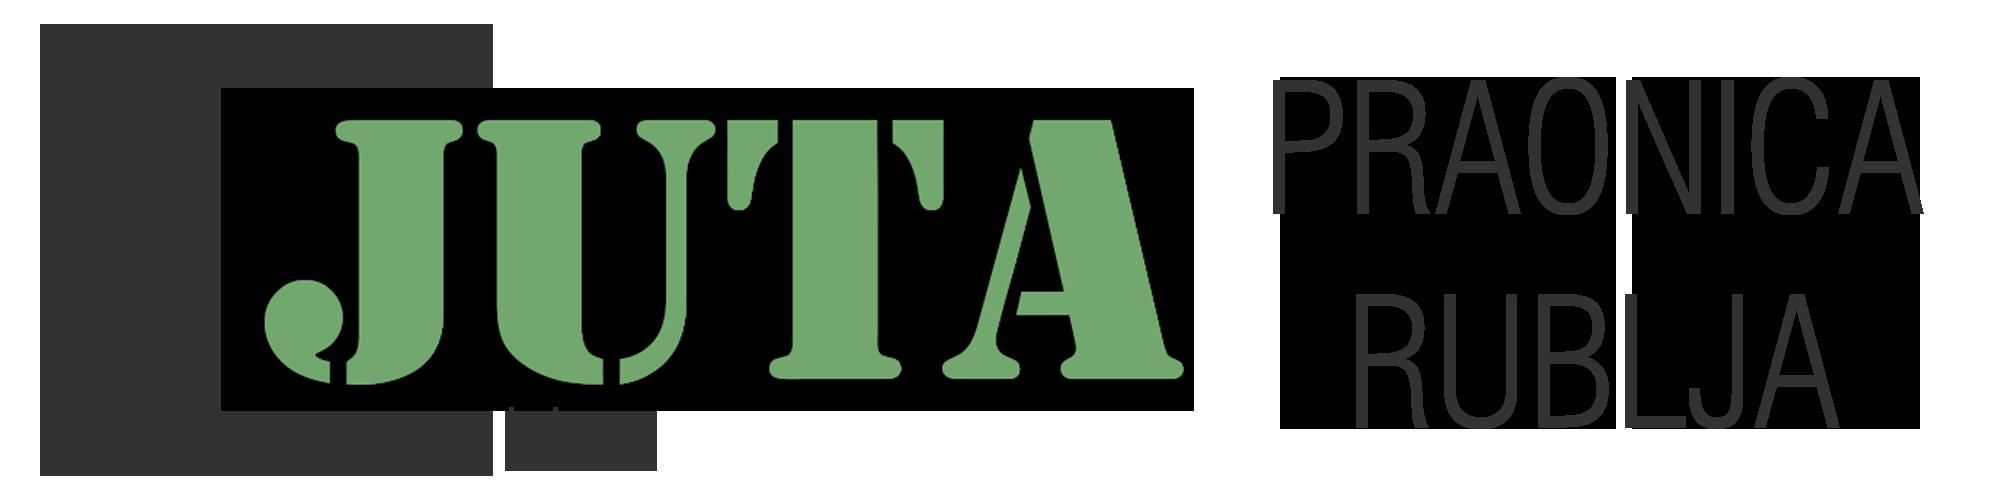 logo-web-juta2